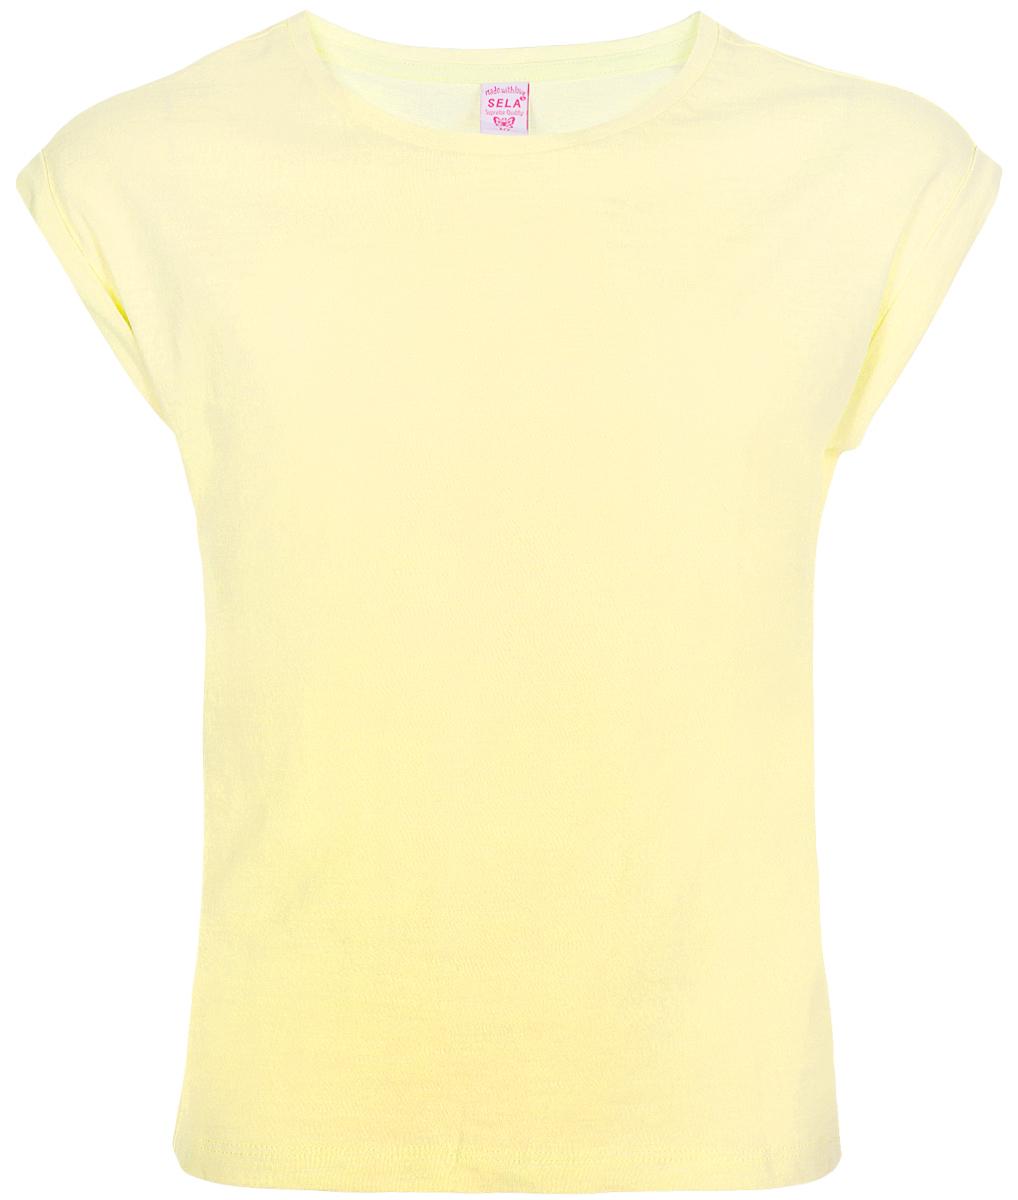 Футболка для девочки Sela, цвет: желтый. Ts-611/1261-8223. Размер 152